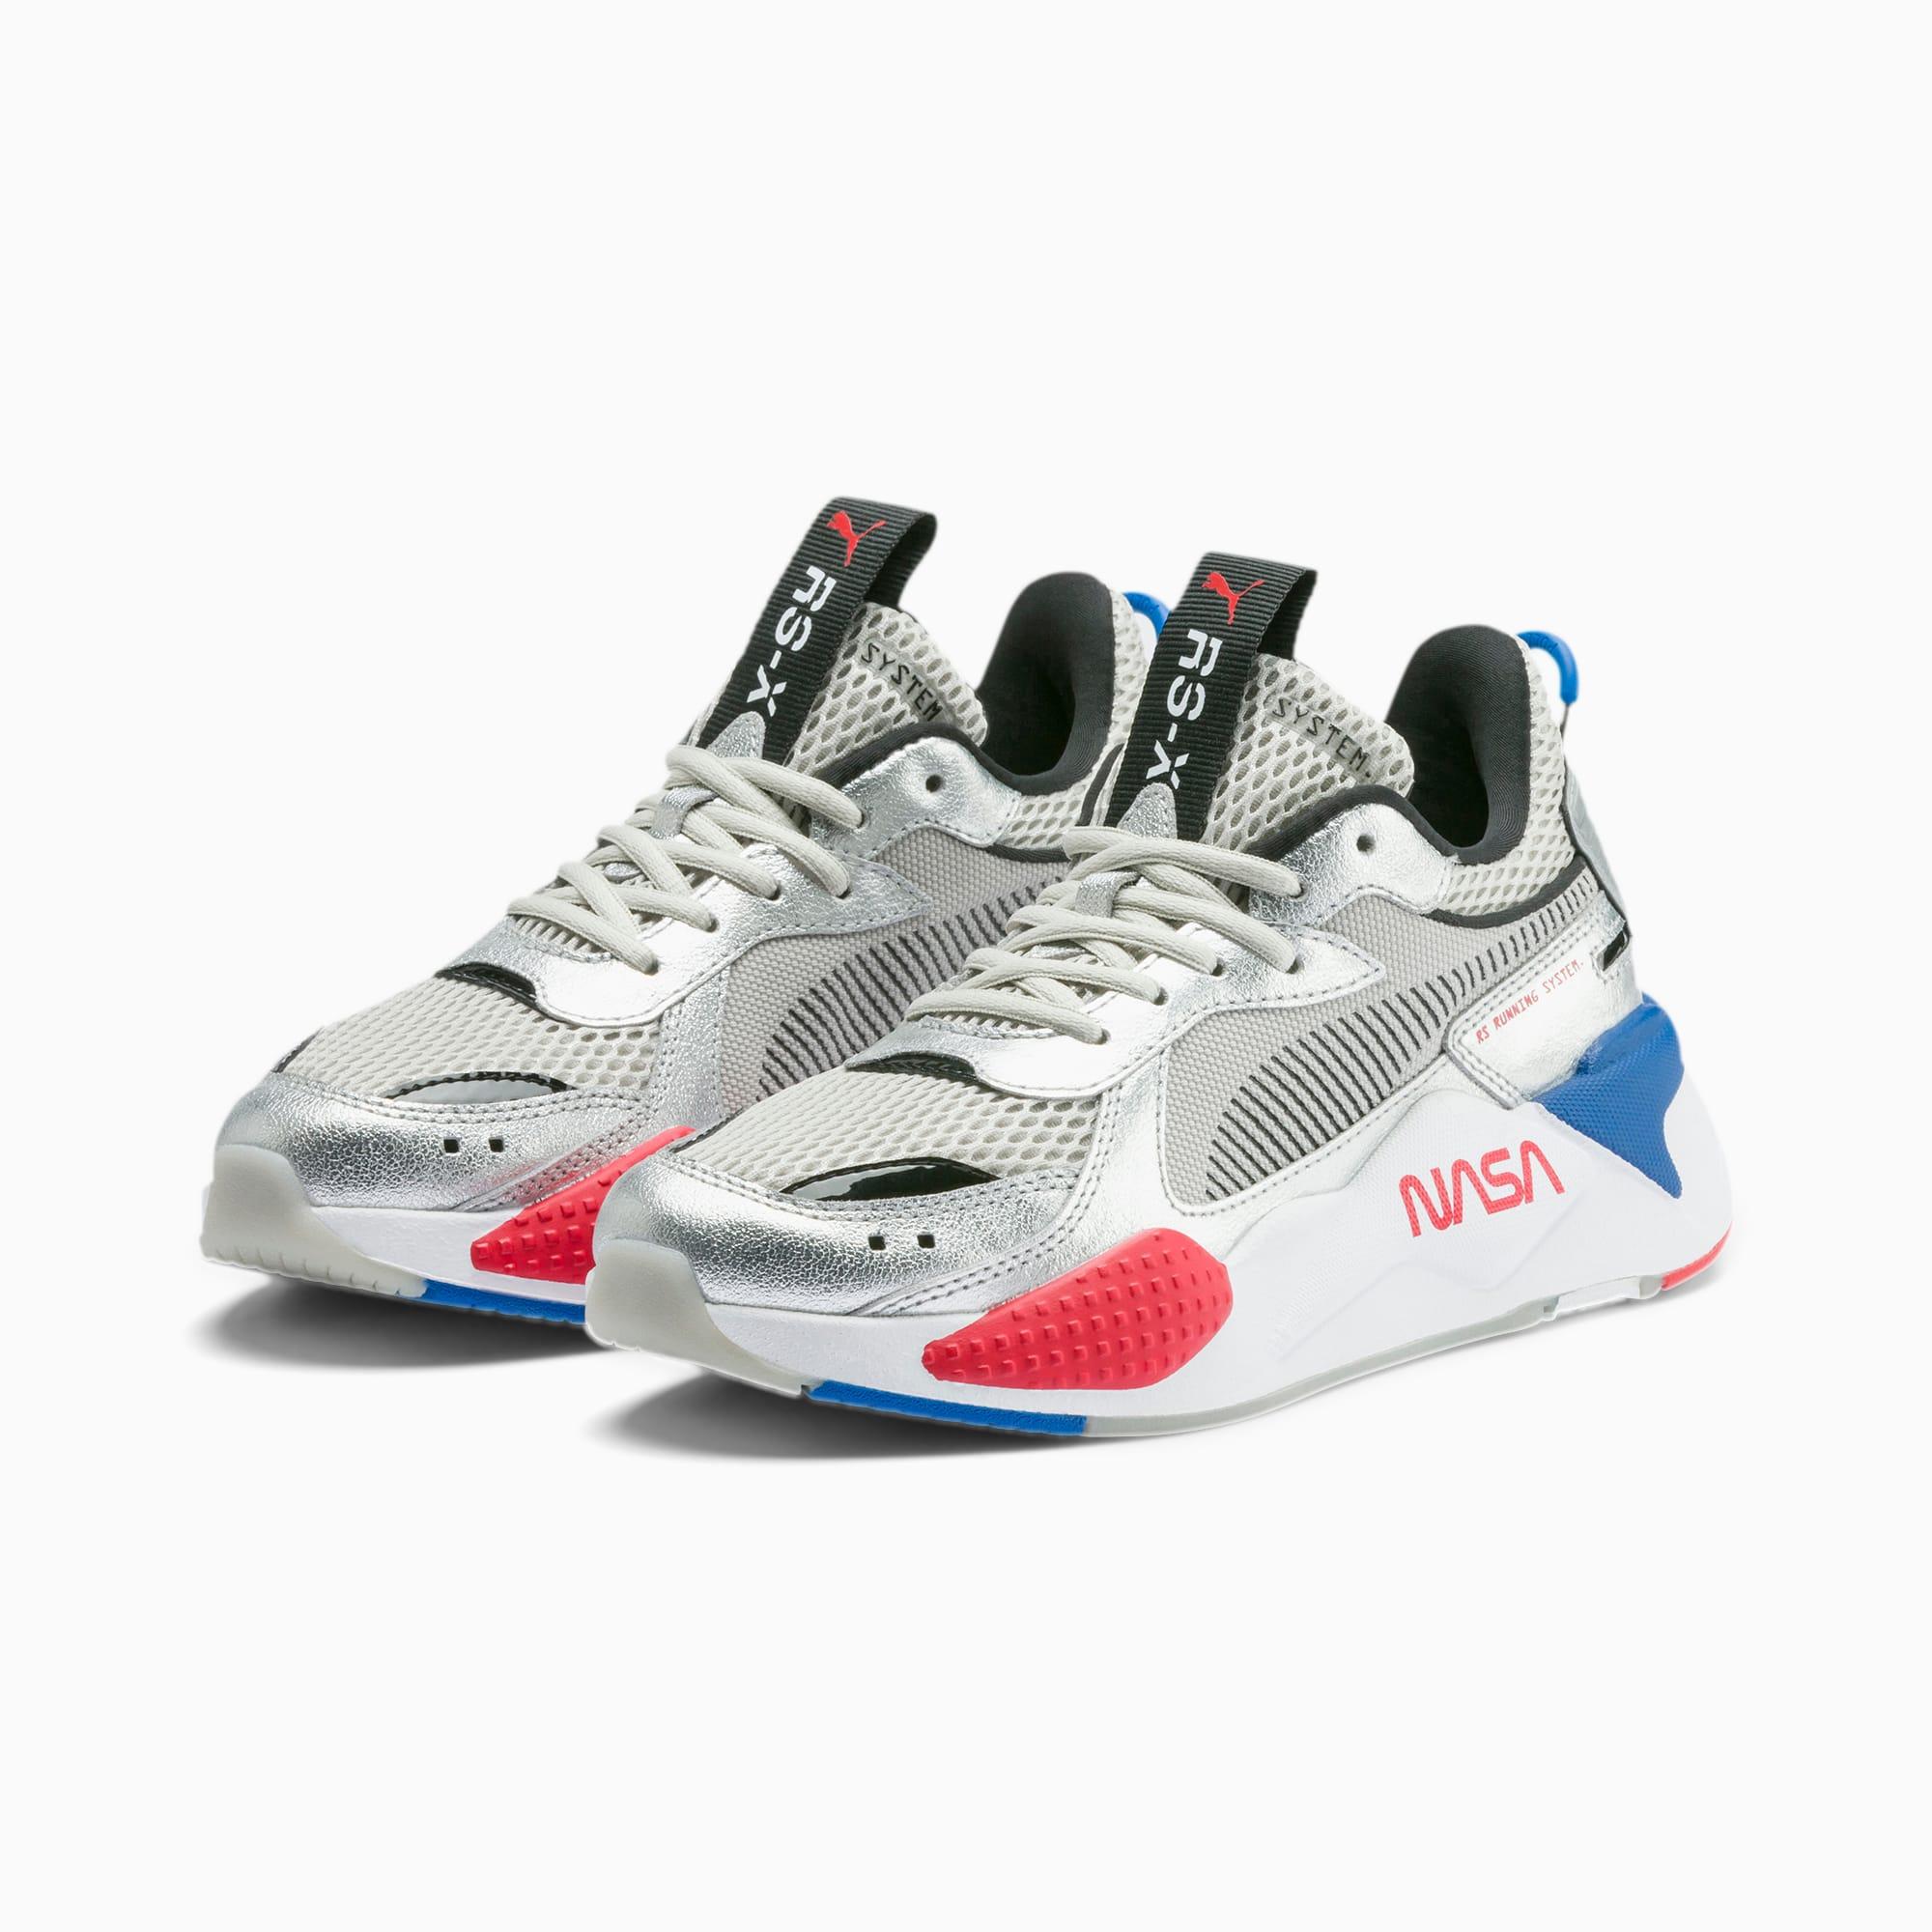 RS X Space Agency Sneakers JR